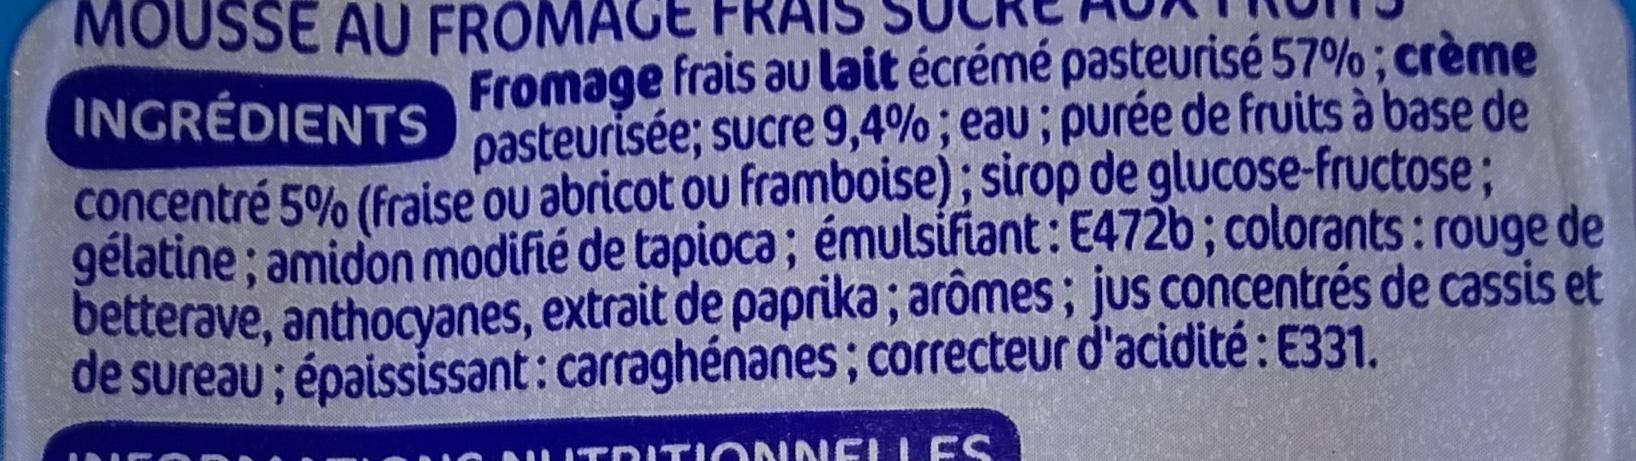 Mousse fromage frais aux fruits - Ingredients - fr